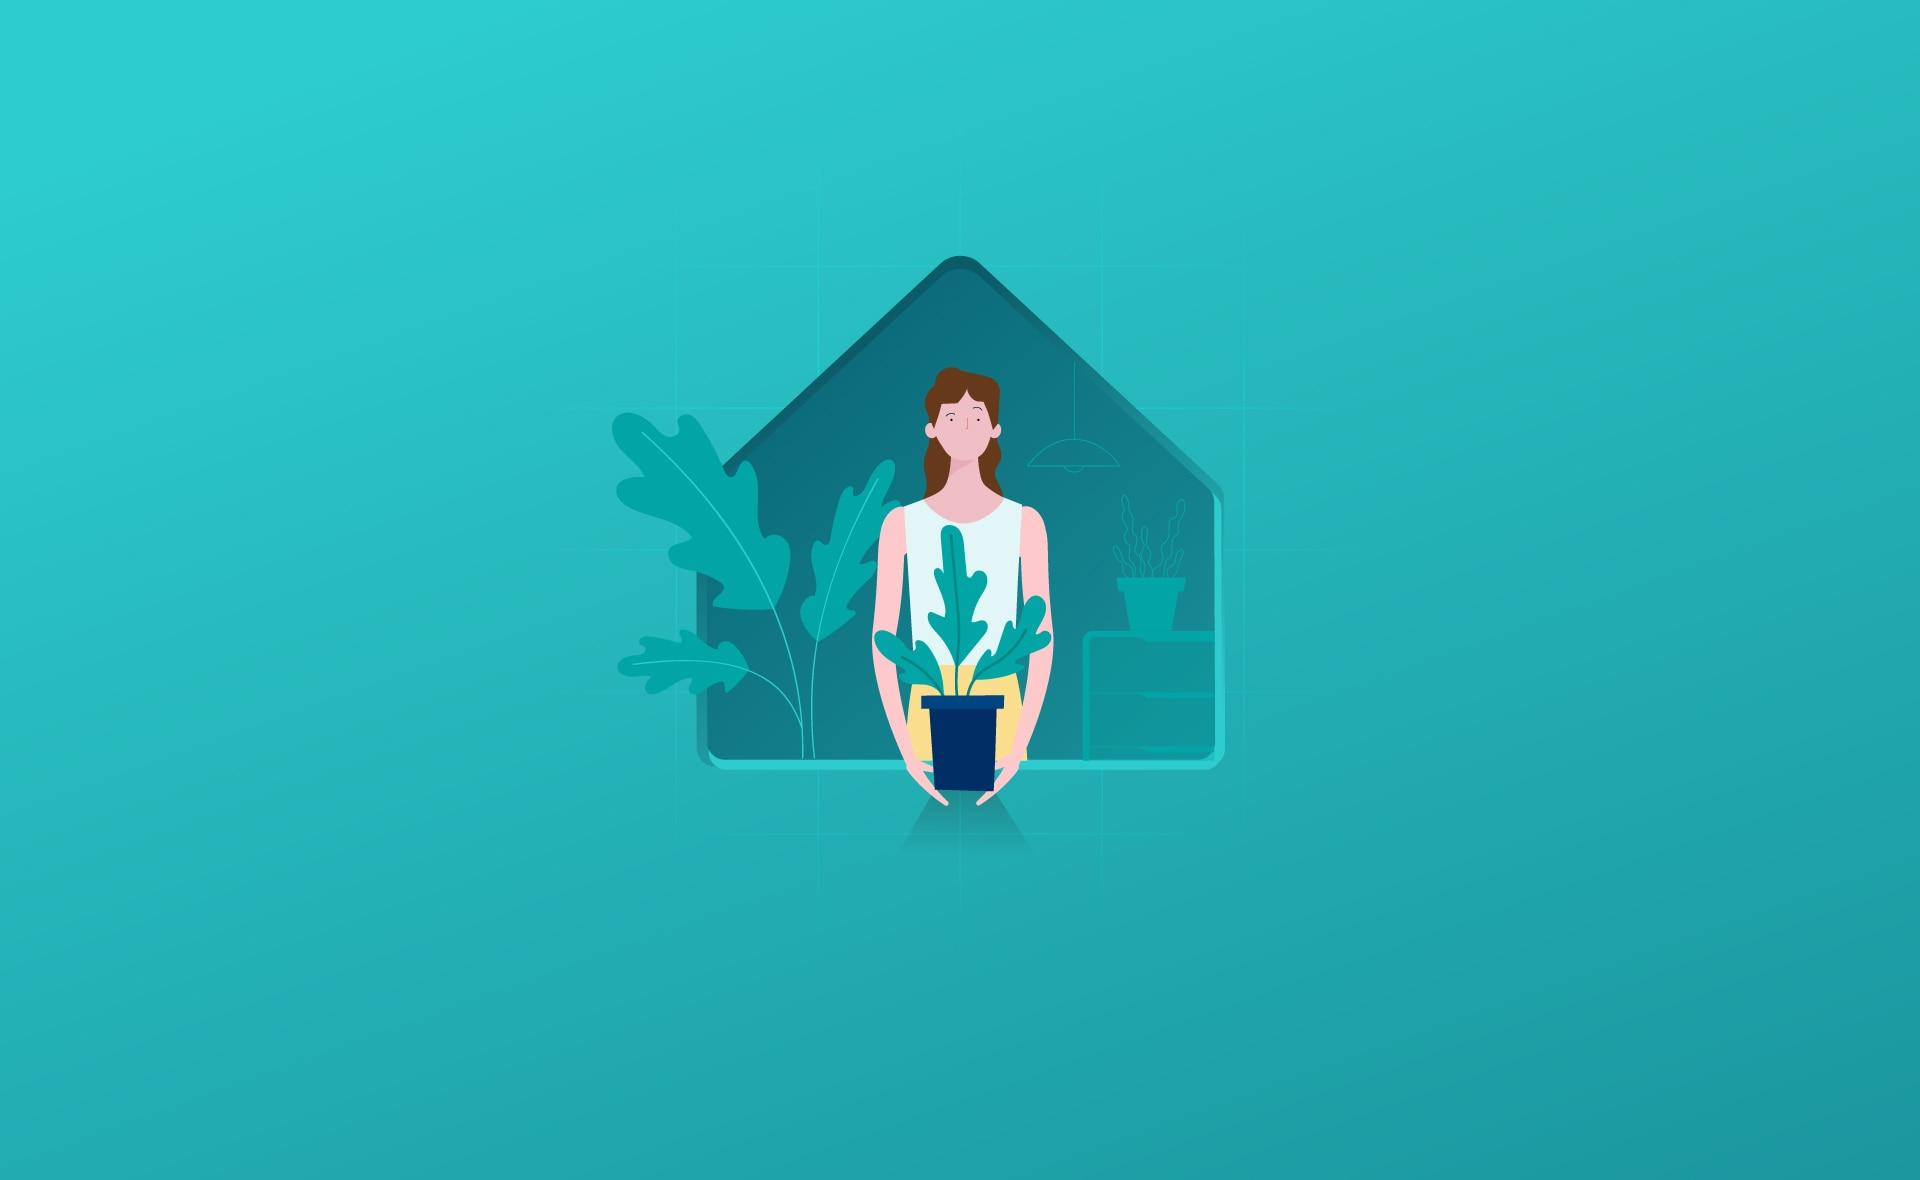 Arquitectos-casas-ecológicas-sostenibilidad-bbva